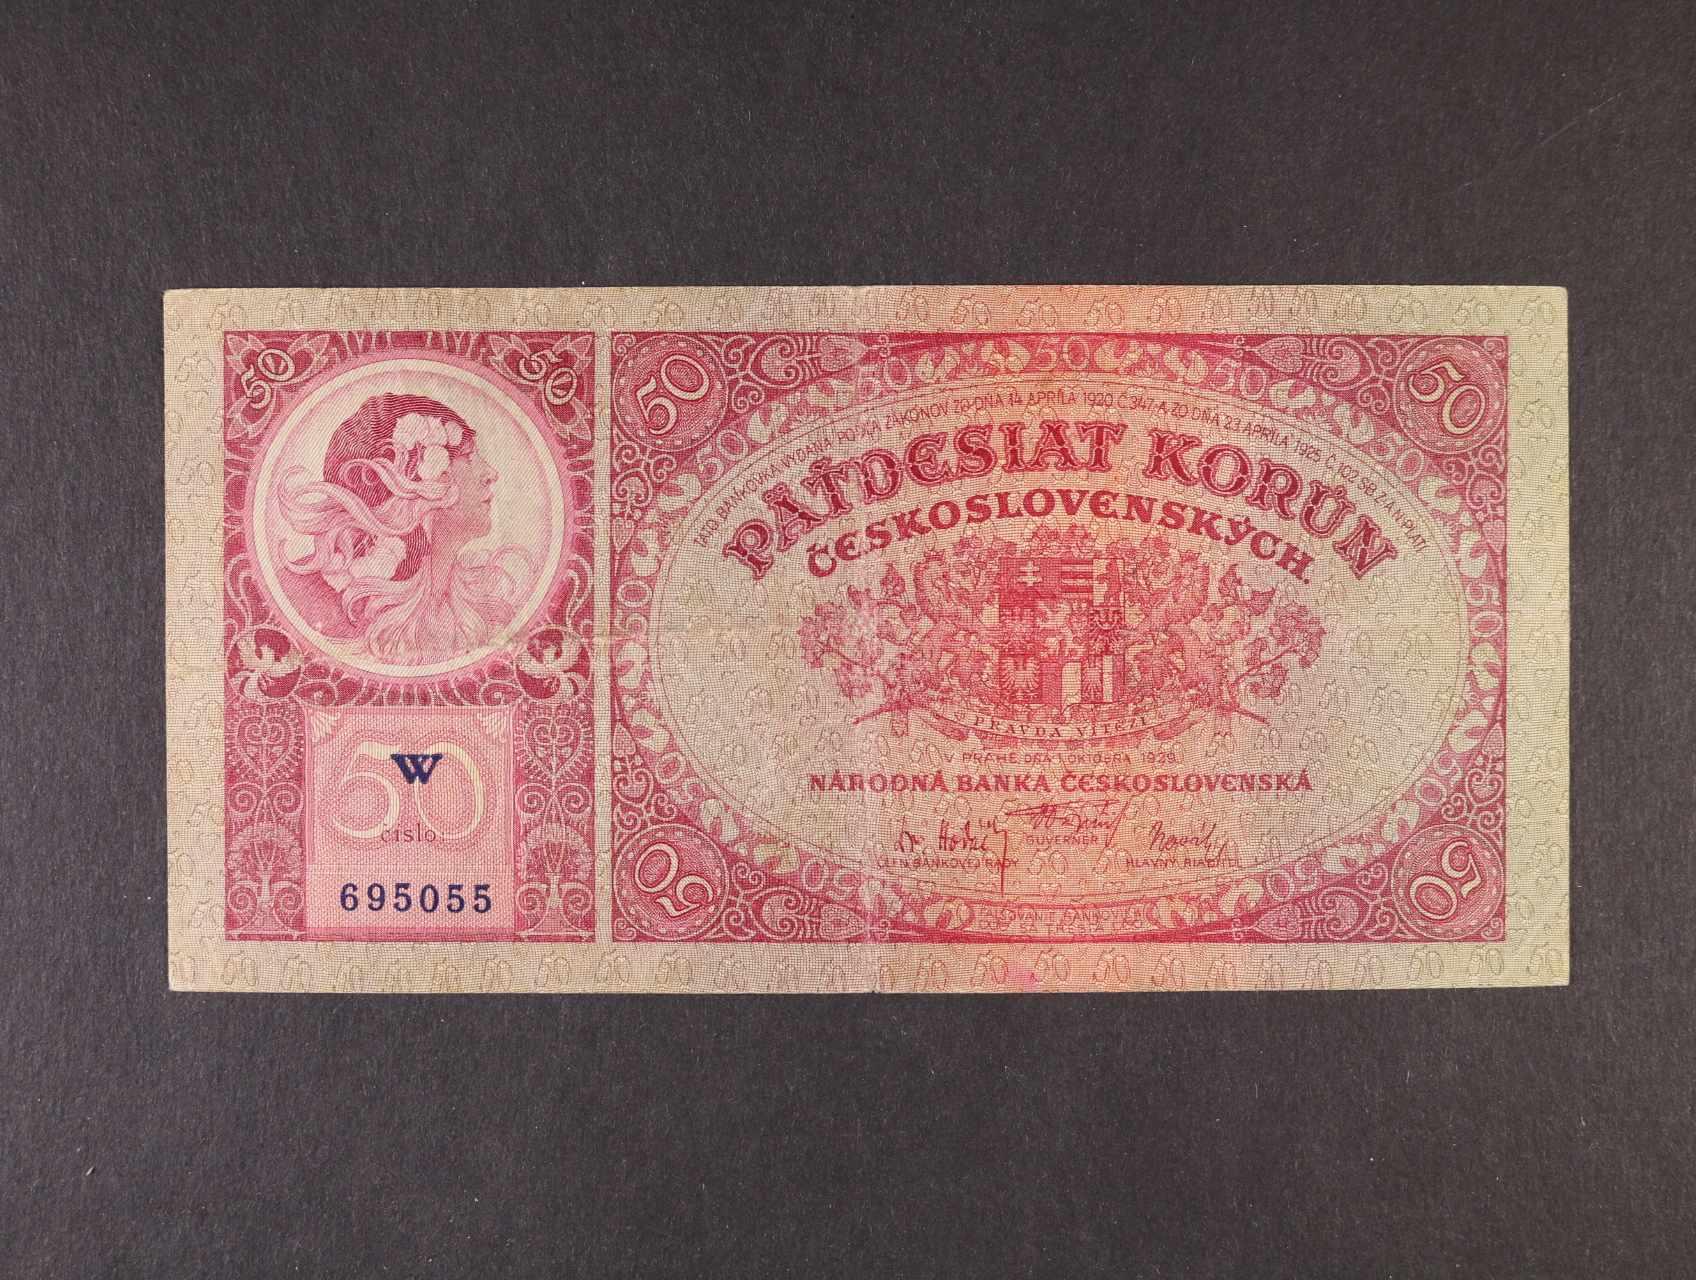 50 Kč 1.10.1929 série W, Ba. 24a1, Pi. 22a